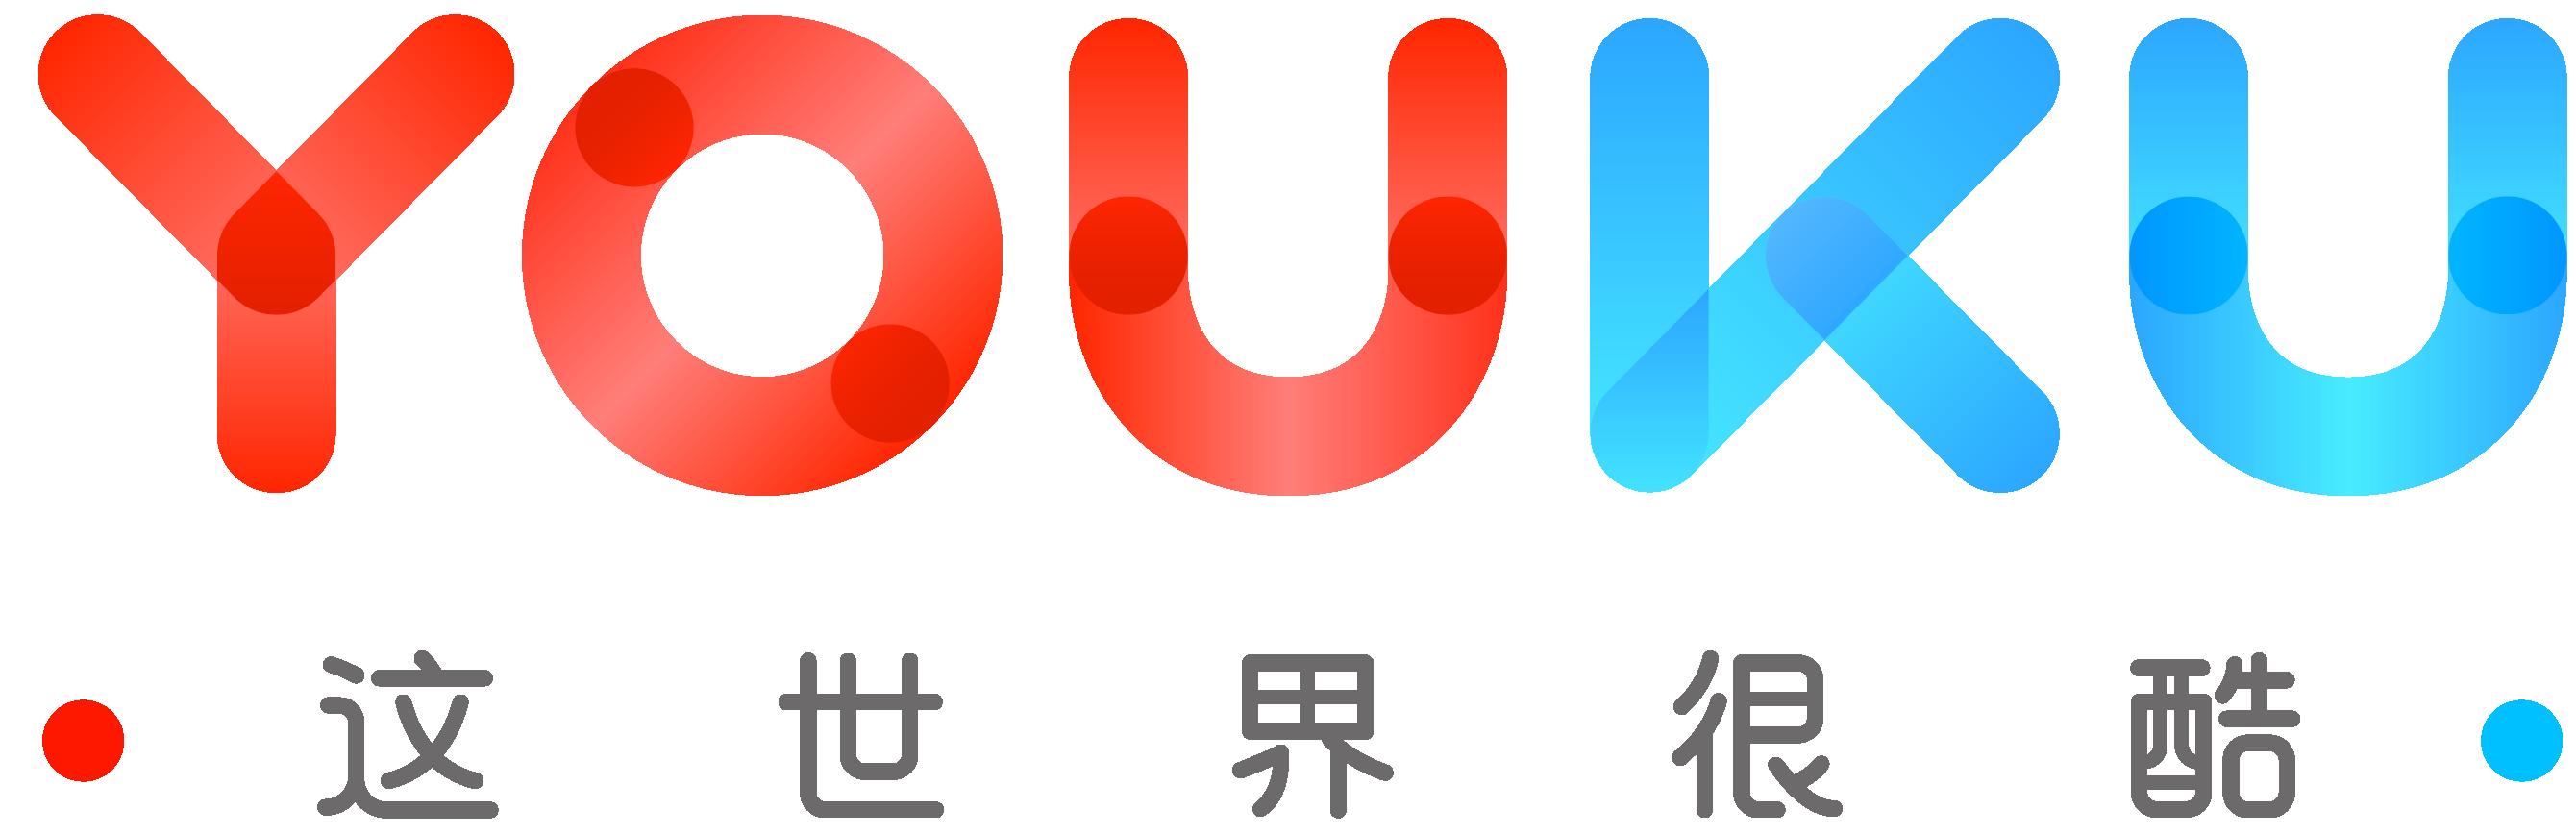 Logo Youku PNG - 98521